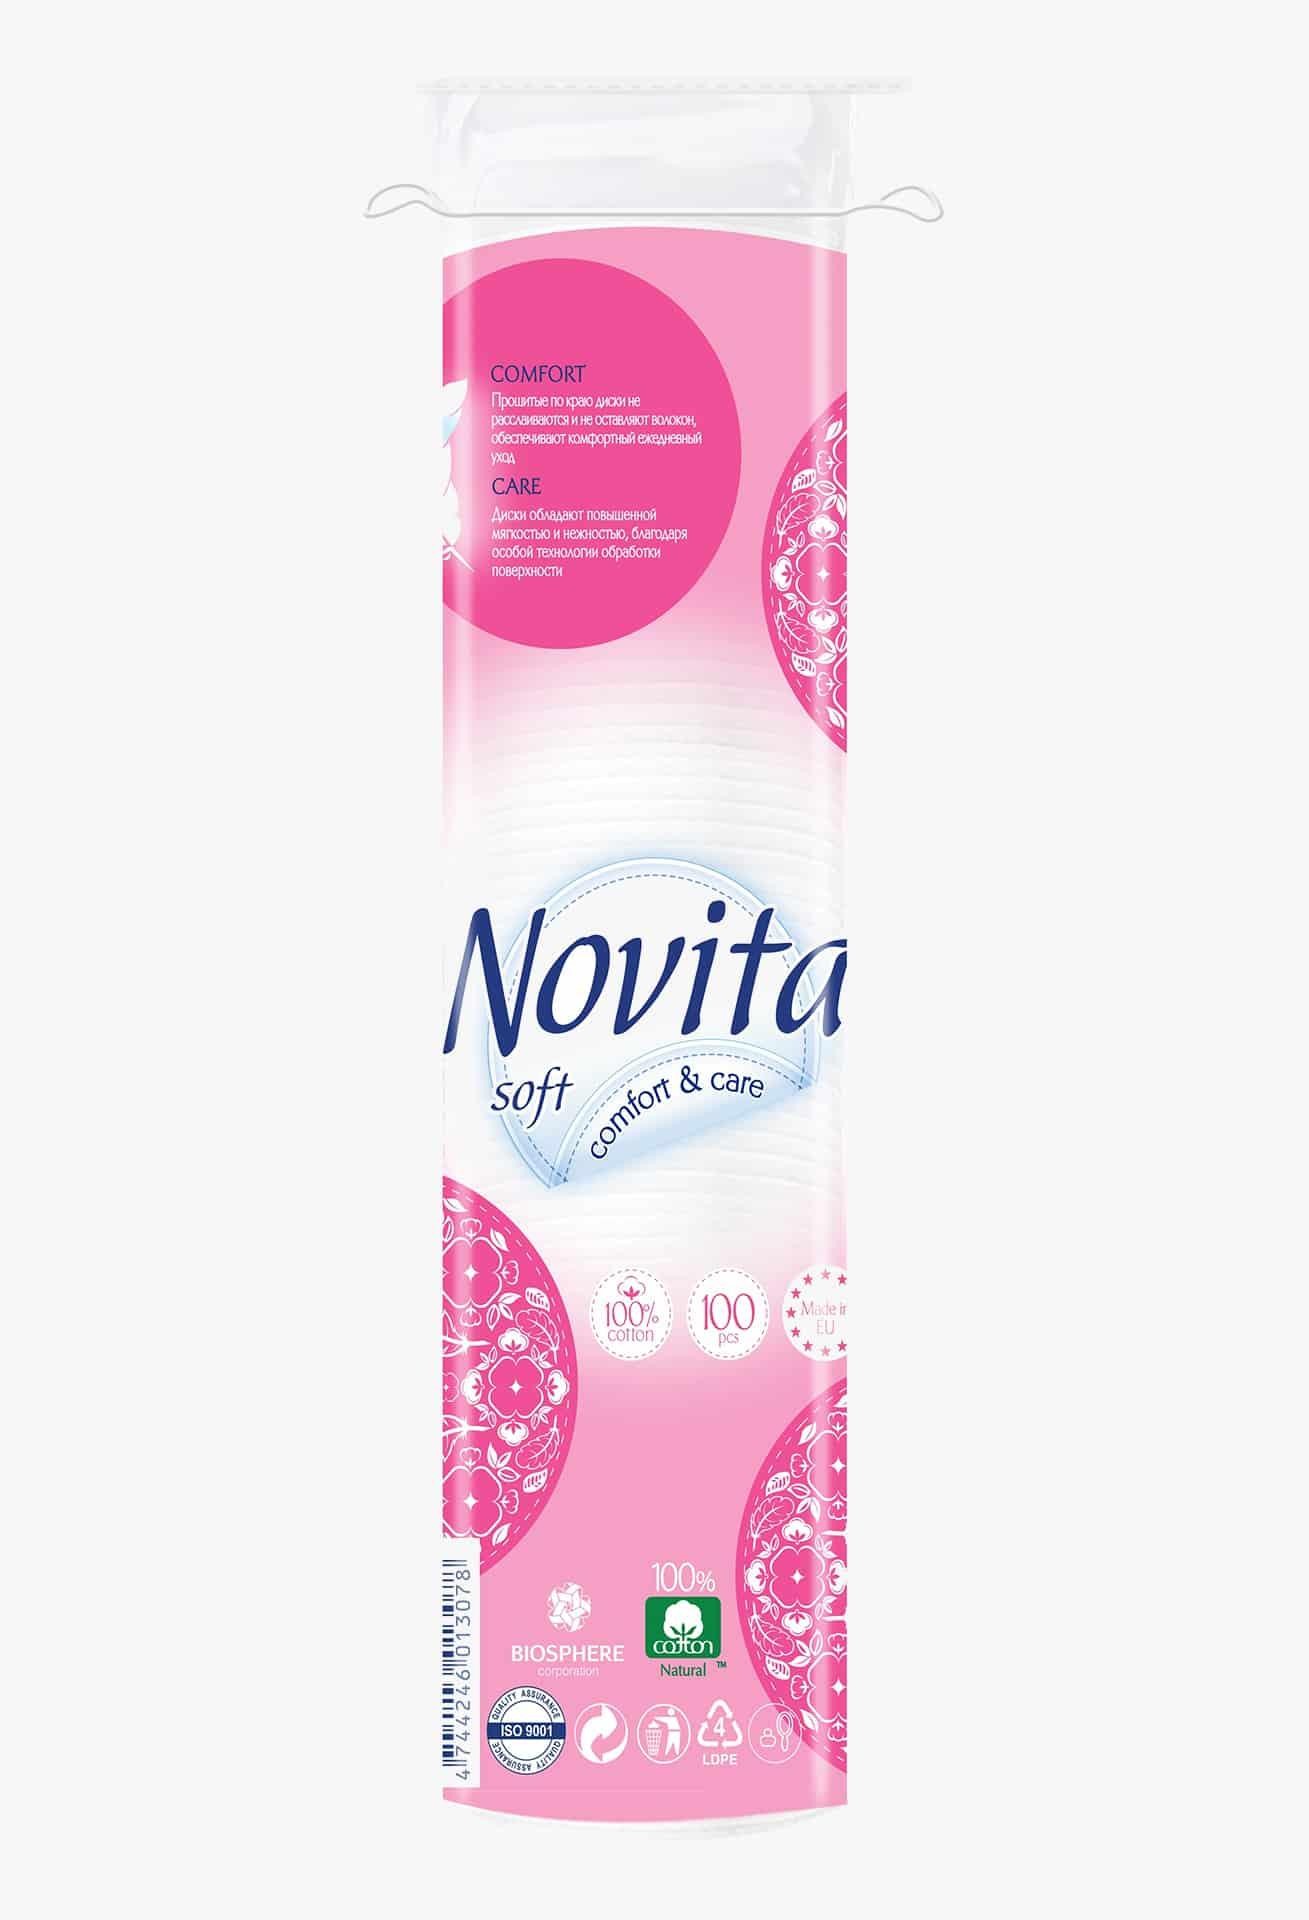 NOVITA Soft Диски ватні косметичні, 100шт.